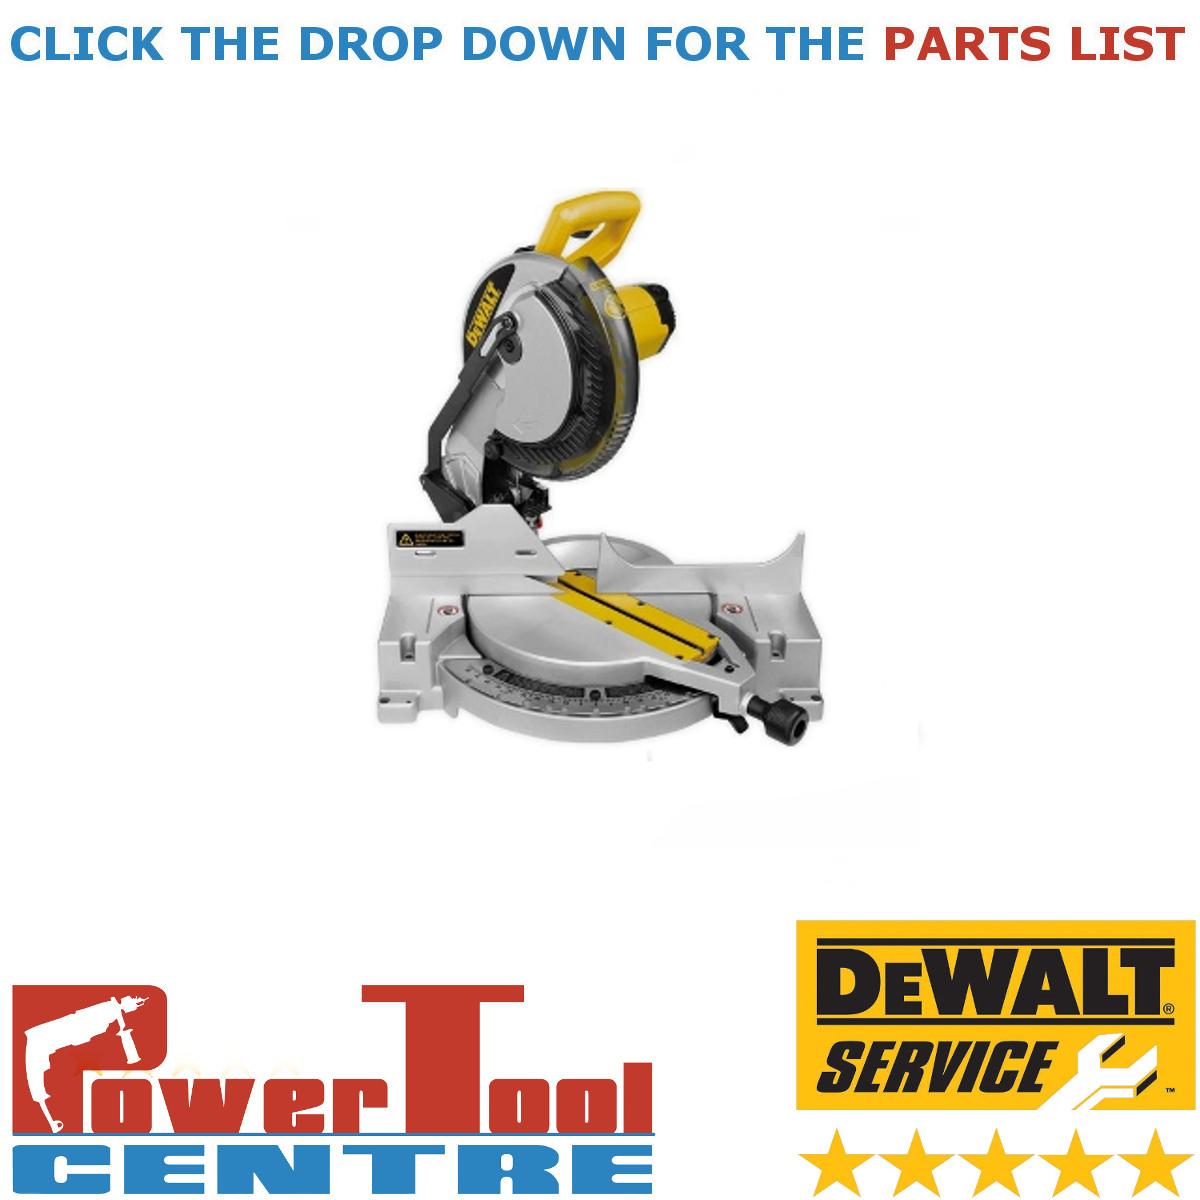 DEWALT 146774-00 ROLLER GUARD FOR MITER SAW